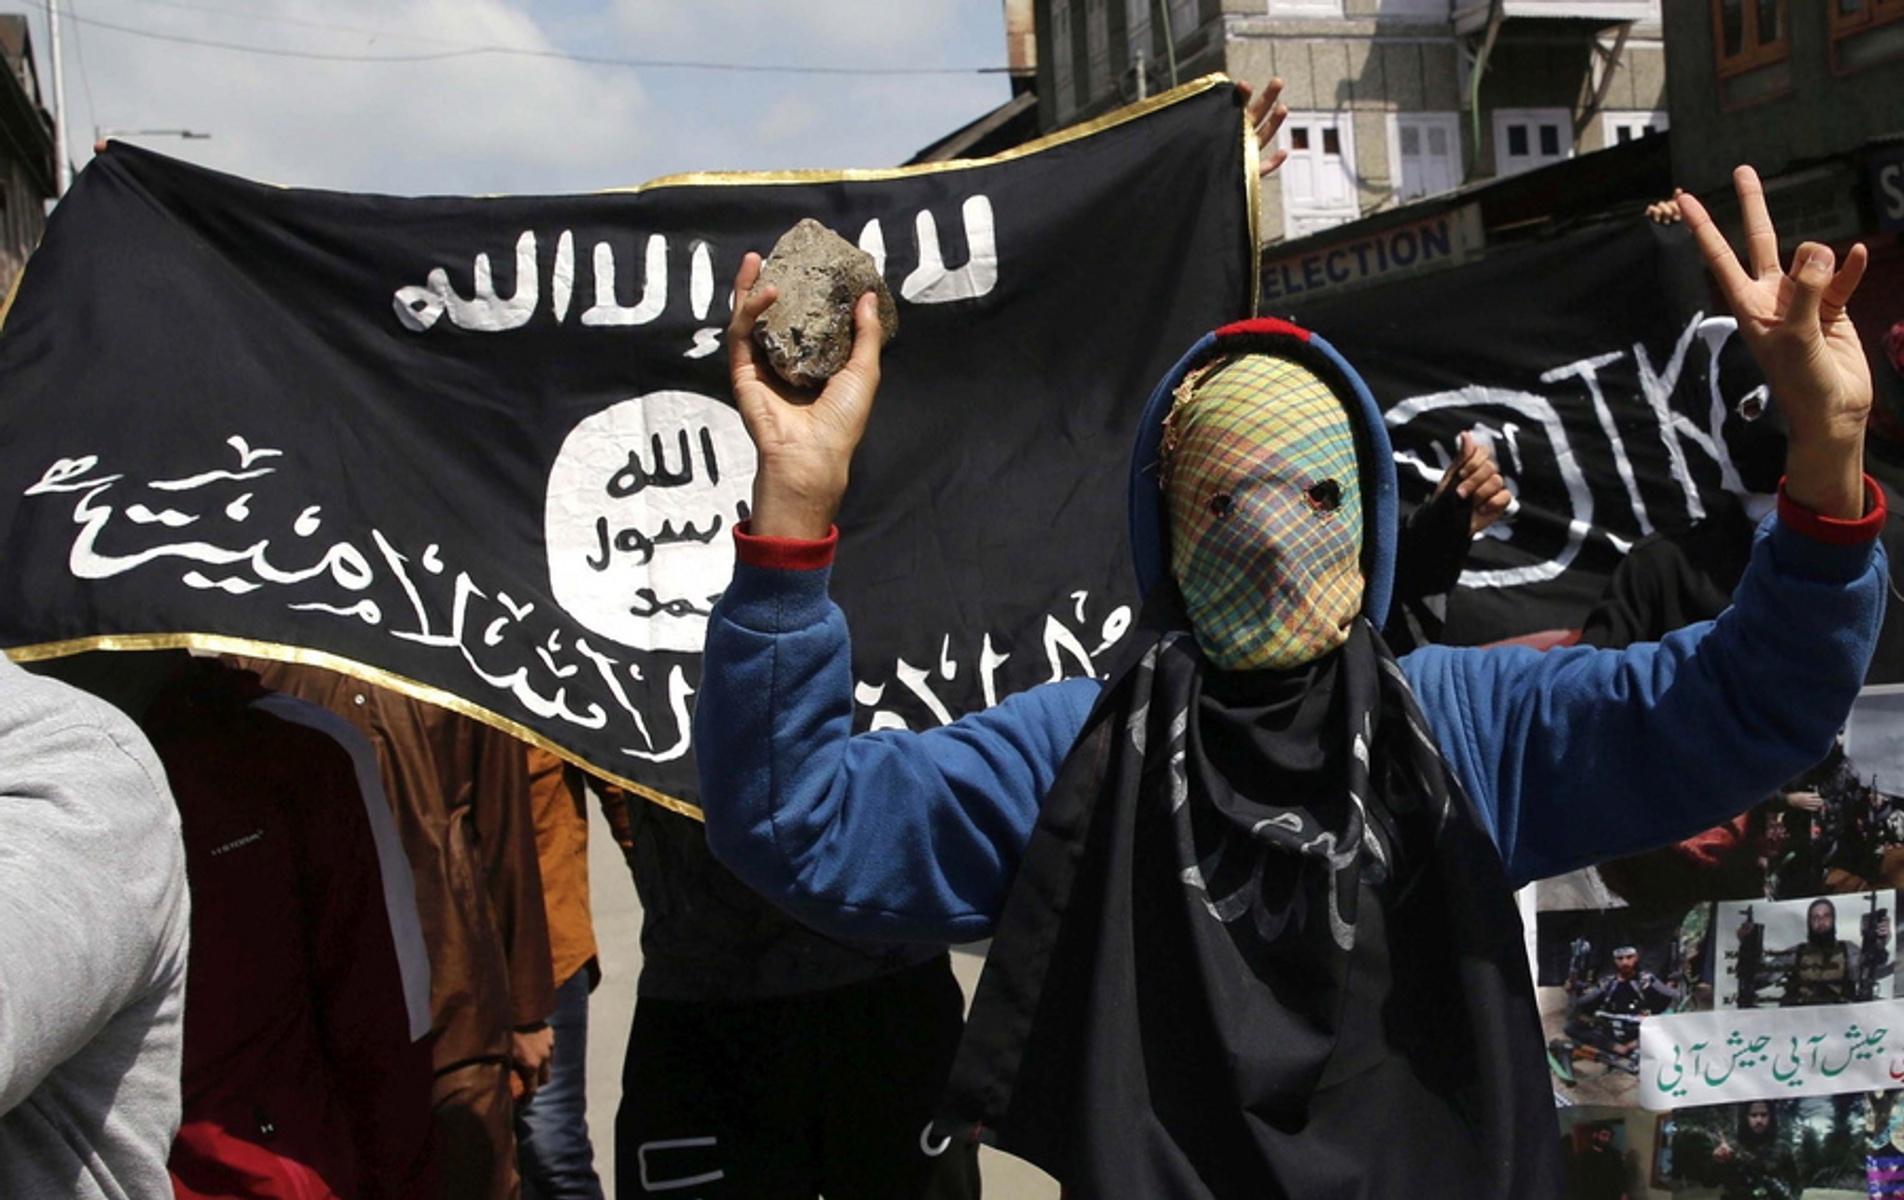 Συρία: Το Ισλαμικό Κράτος ανέλαβε την ευθύνη για την επίθεση σε αγωγό φυσικού αερίου